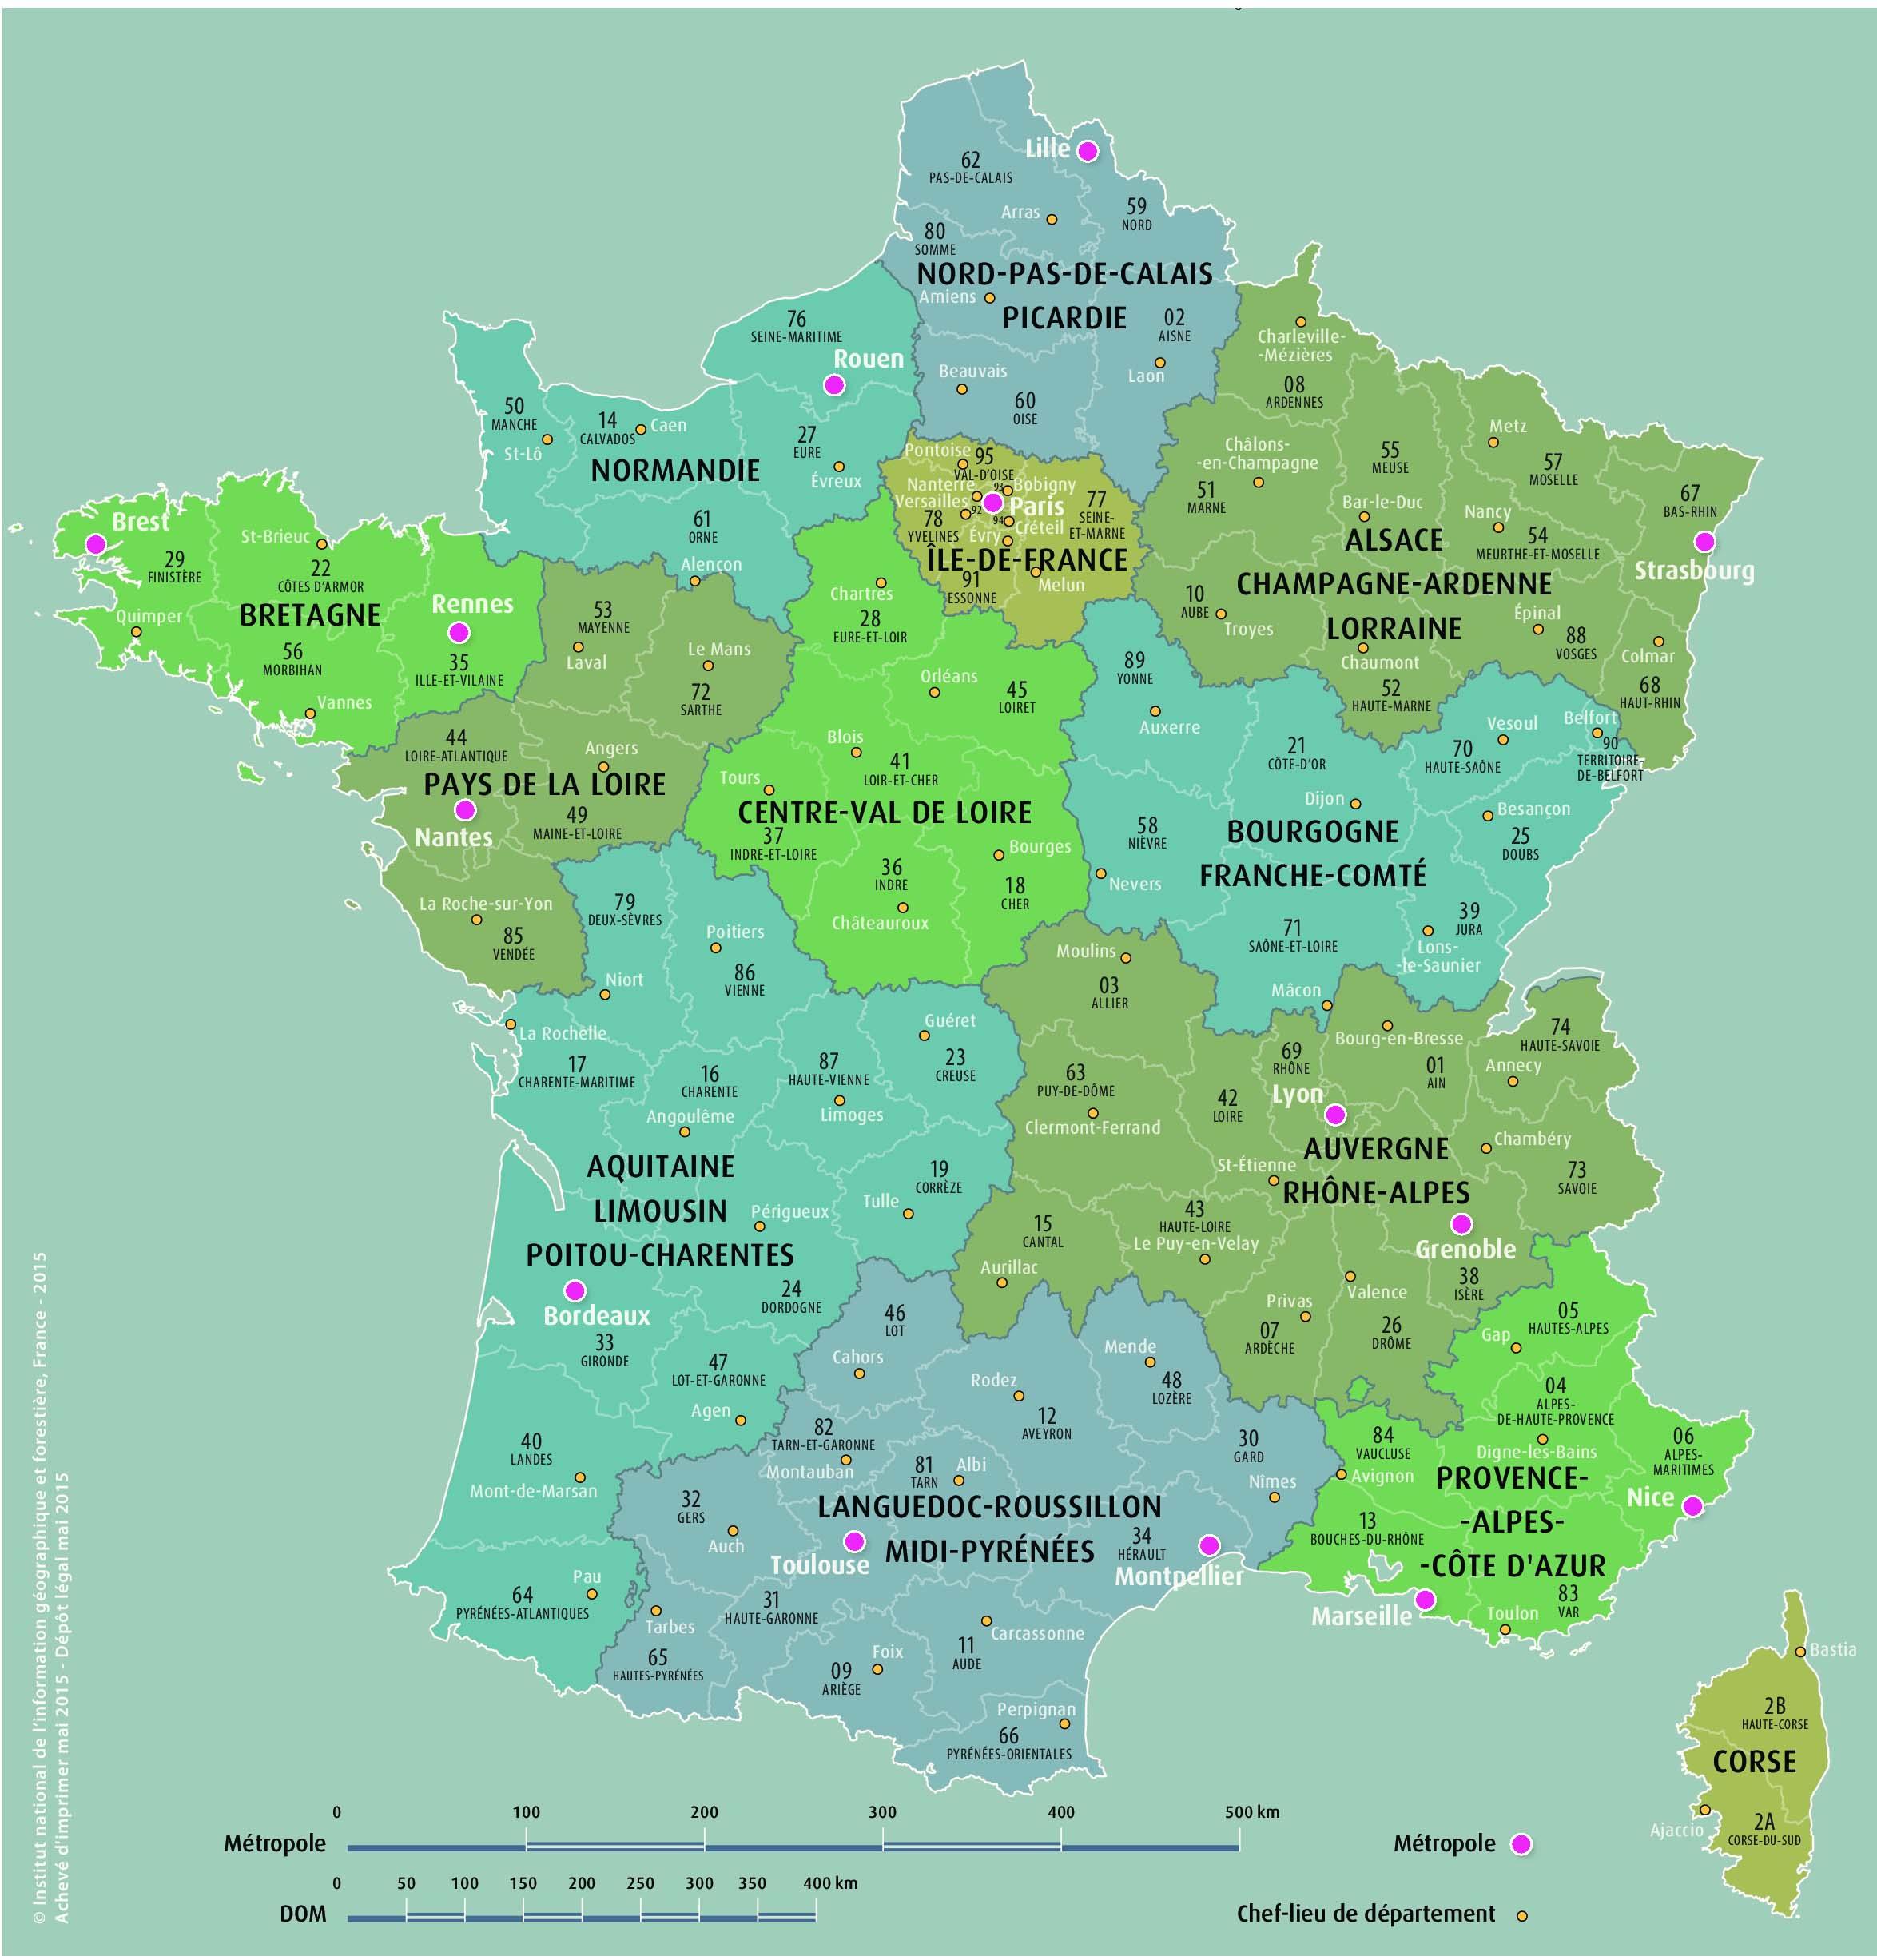 L'ign Calcule Le Centre Des Nouvelles Régions | 94 Citoyens dedans Carte Des 13 Nouvelles Régions De France